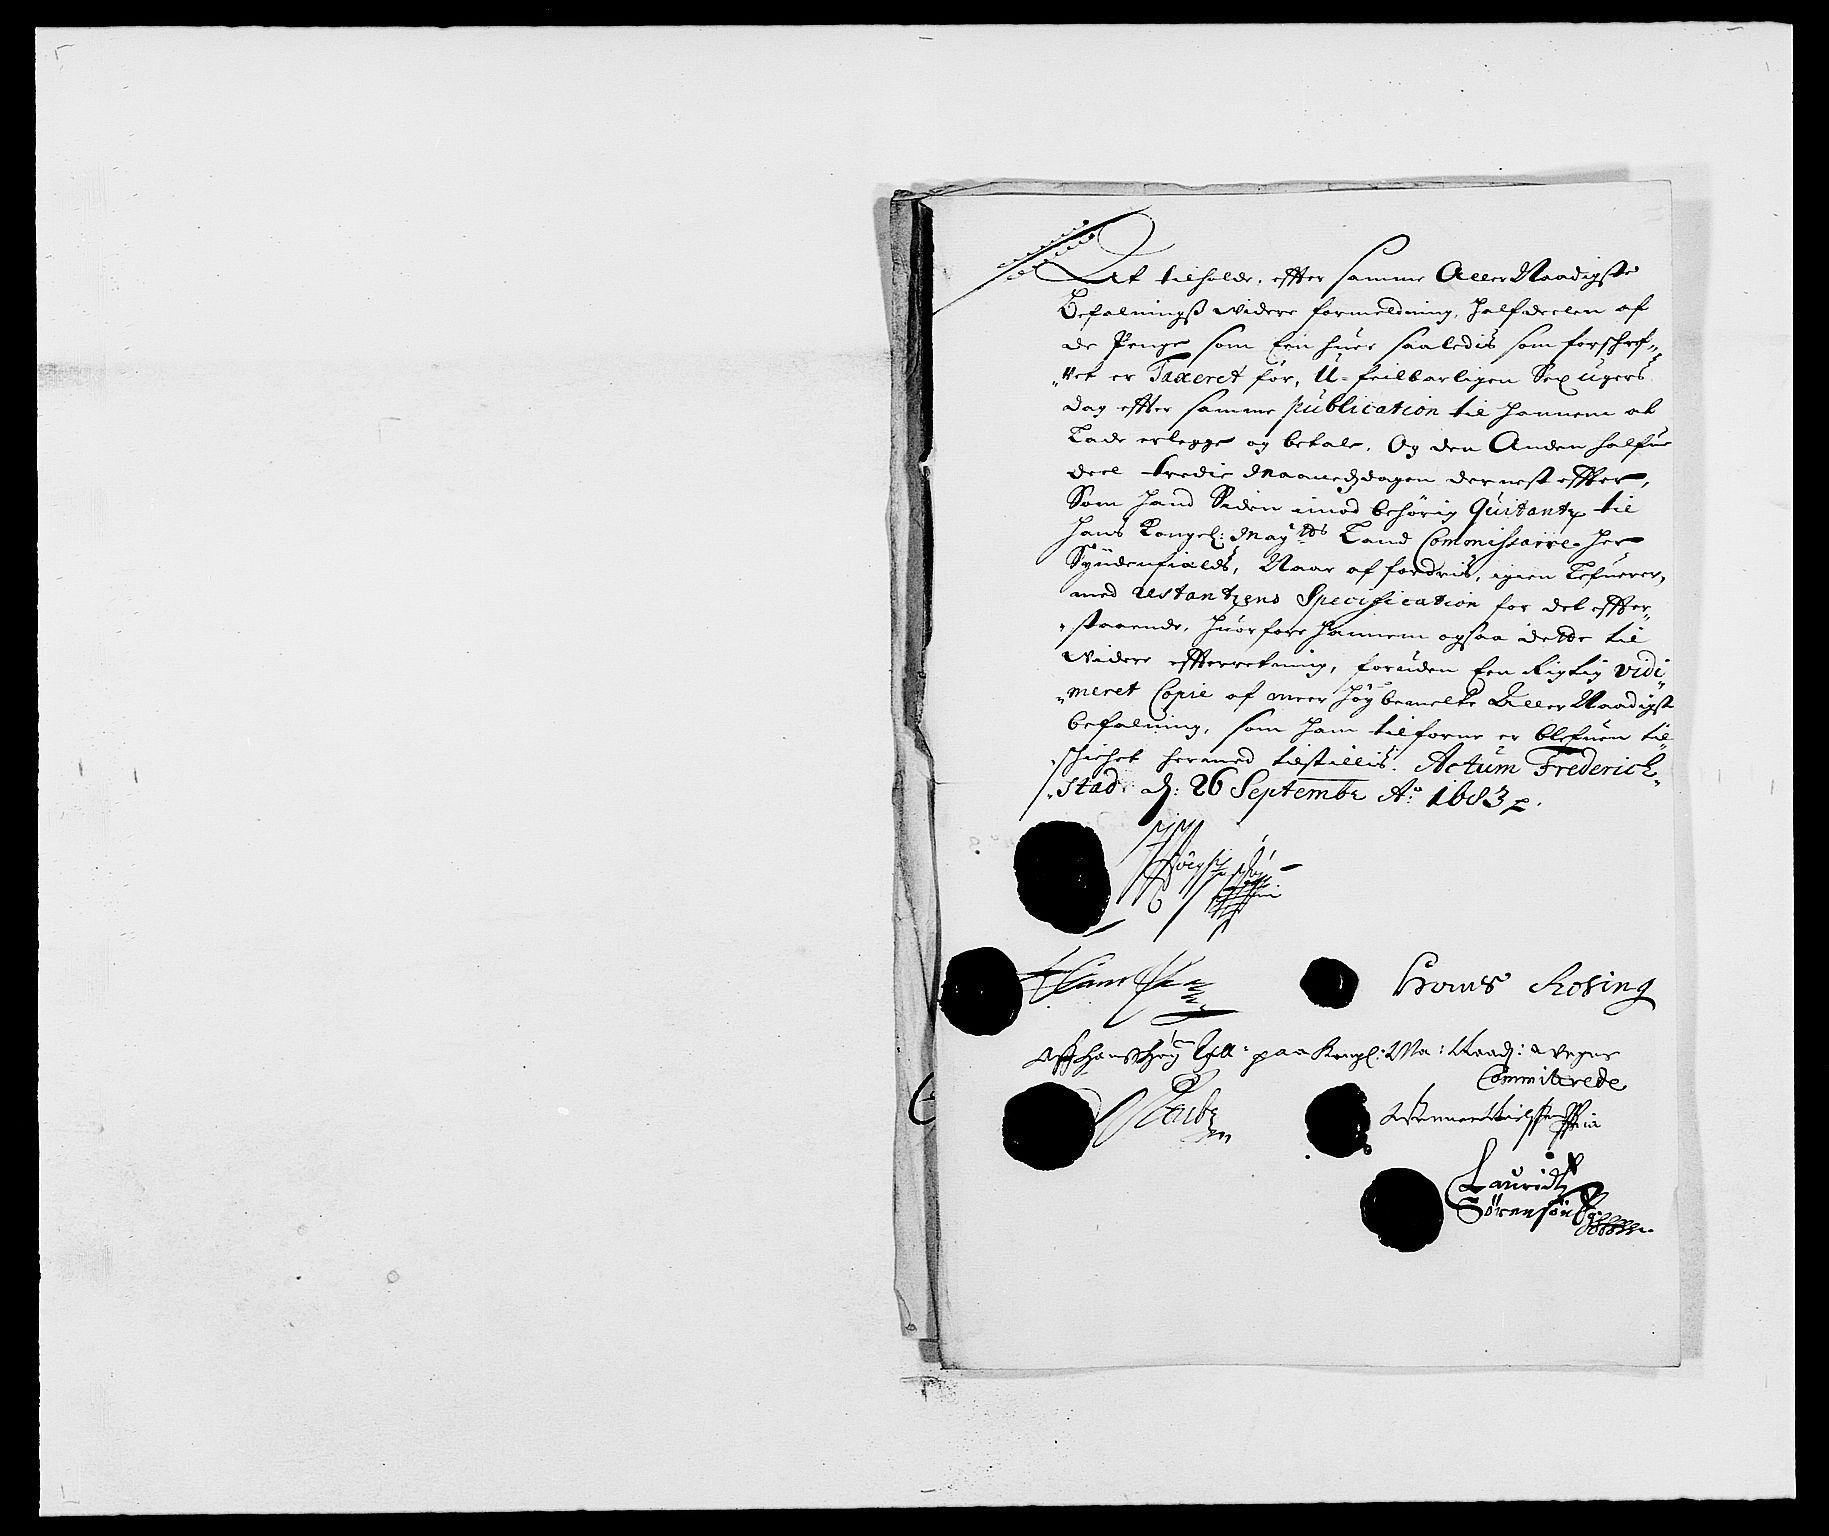 RA, Rentekammeret inntil 1814, Reviderte regnskaper, Fogderegnskap, R02/L0103: Fogderegnskap Moss og Verne kloster, 1682-1684, s. 441